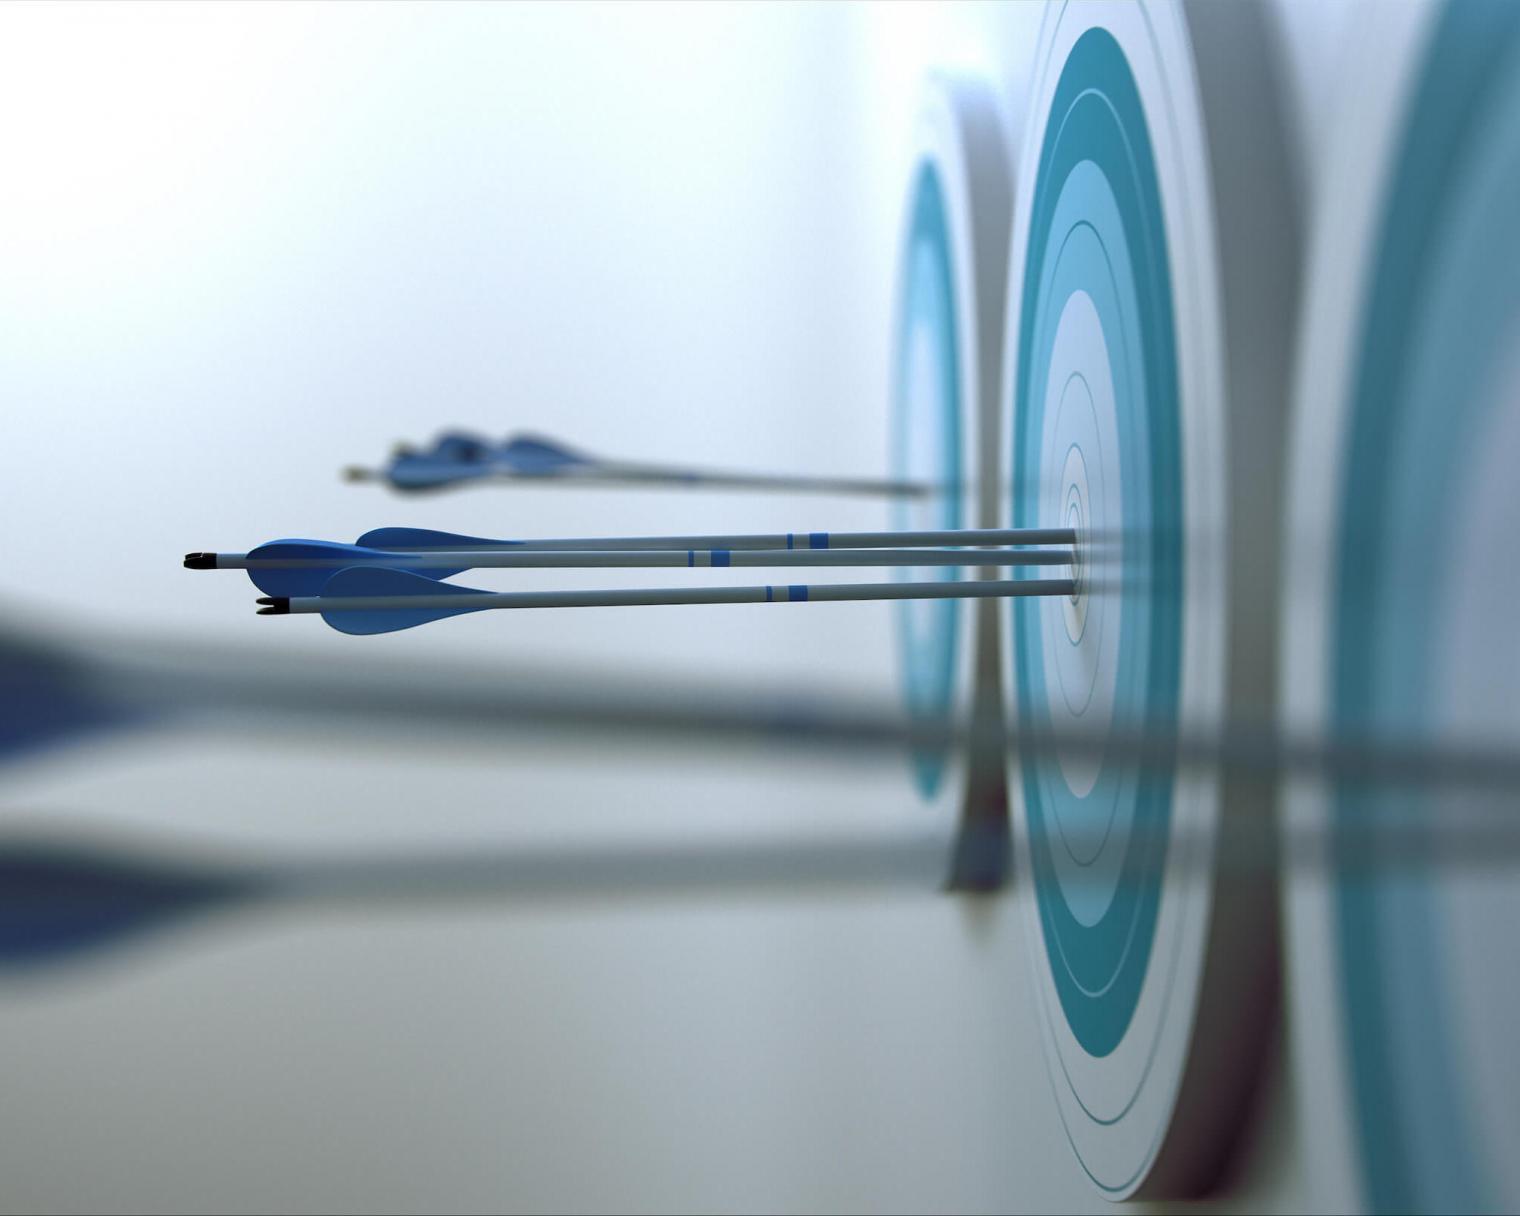 Zielscheiben mit Pfeilen in der Mitte